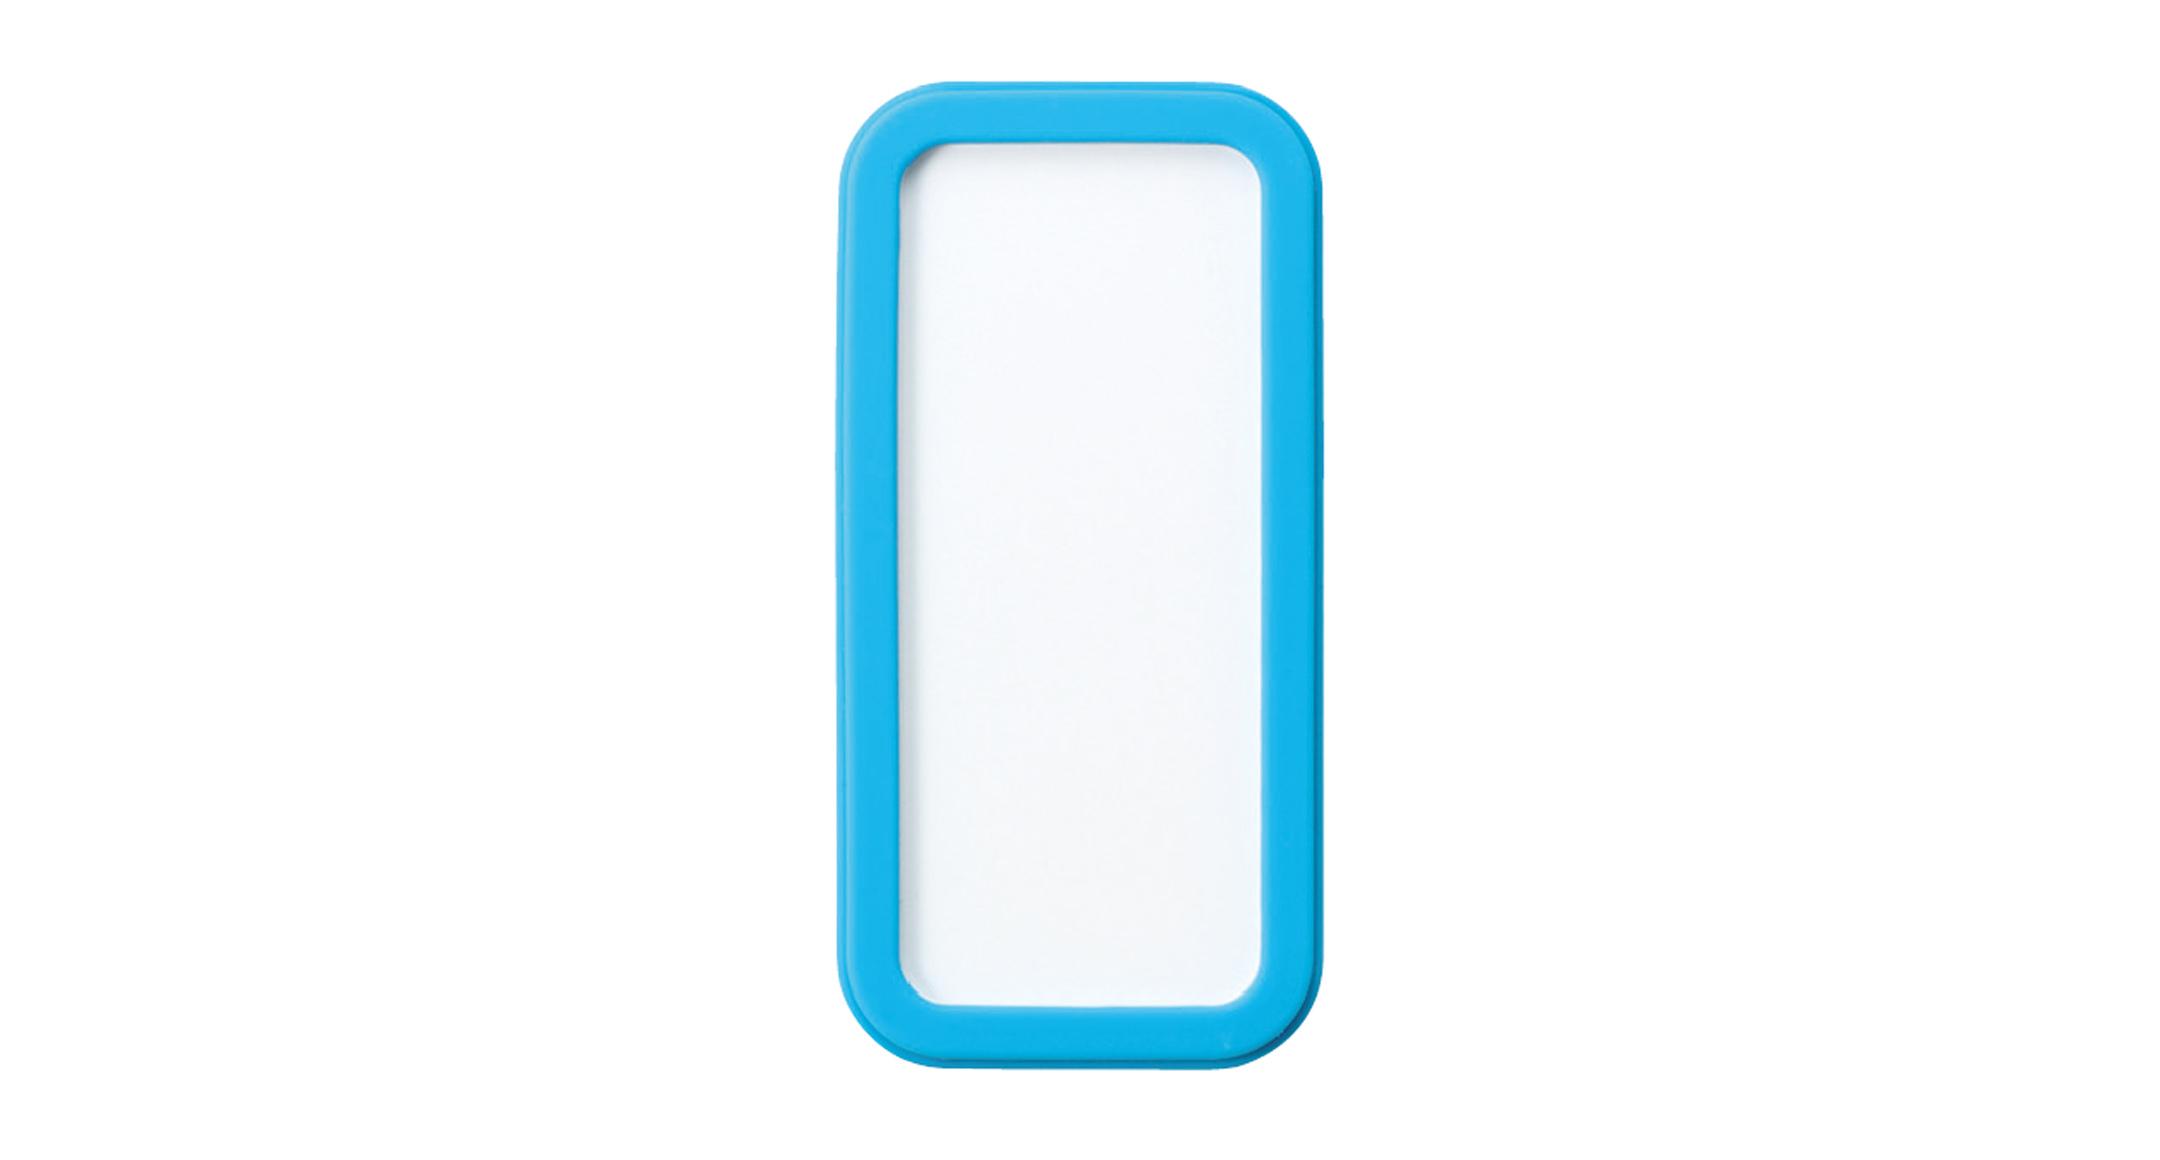 シリコンカバー付ポータブルケース CSSシリーズ:ホワイト/シアンブルーの画像